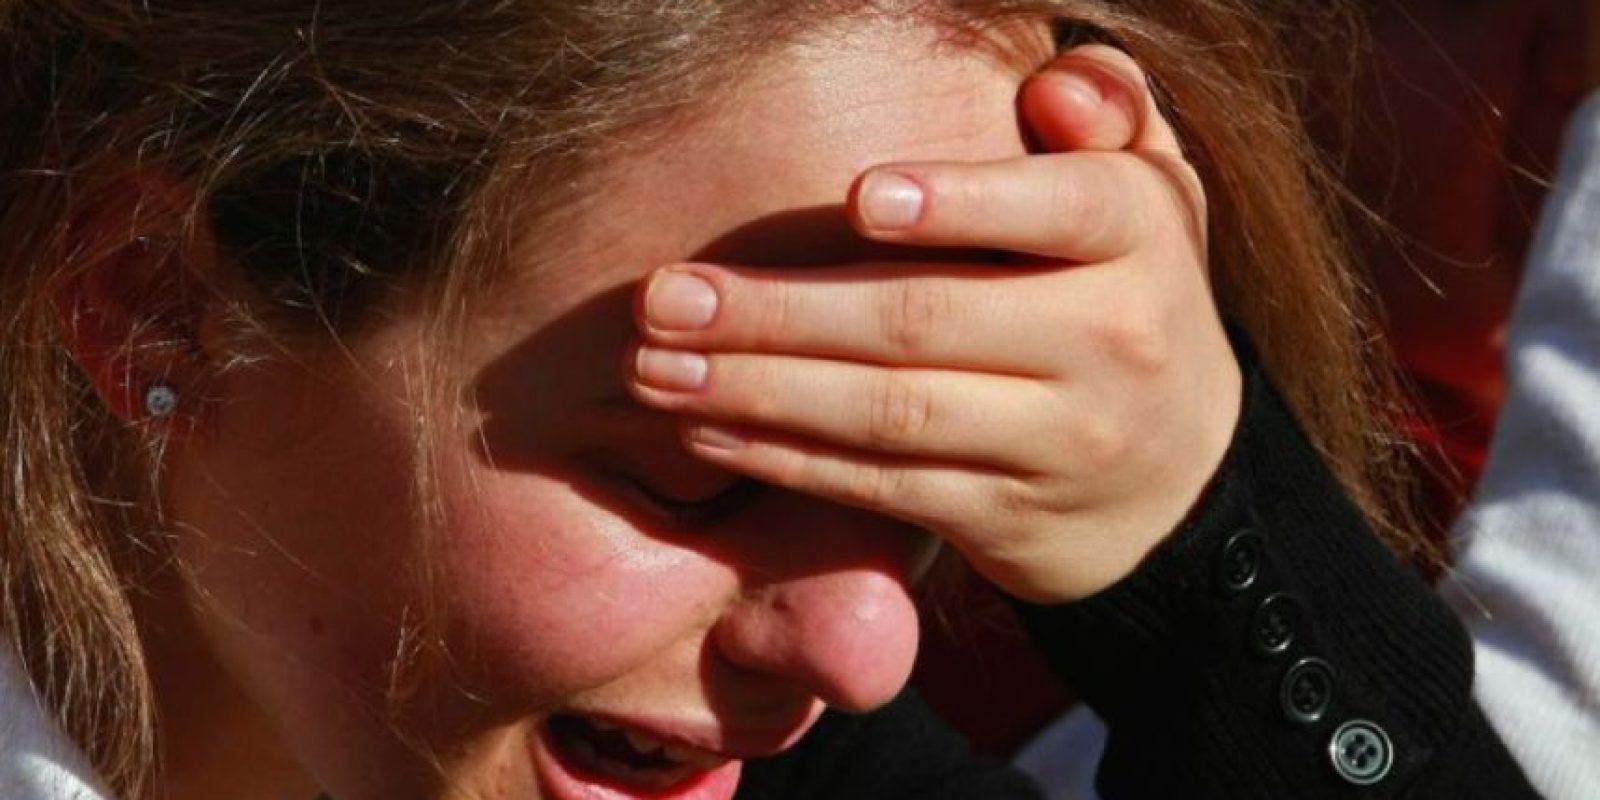 Según la Oficina de la Procuradora de las Mujeres de Puerto Rico, en lo que va de año han asesinado a 15 mujeres. Foto:vía Getty Images